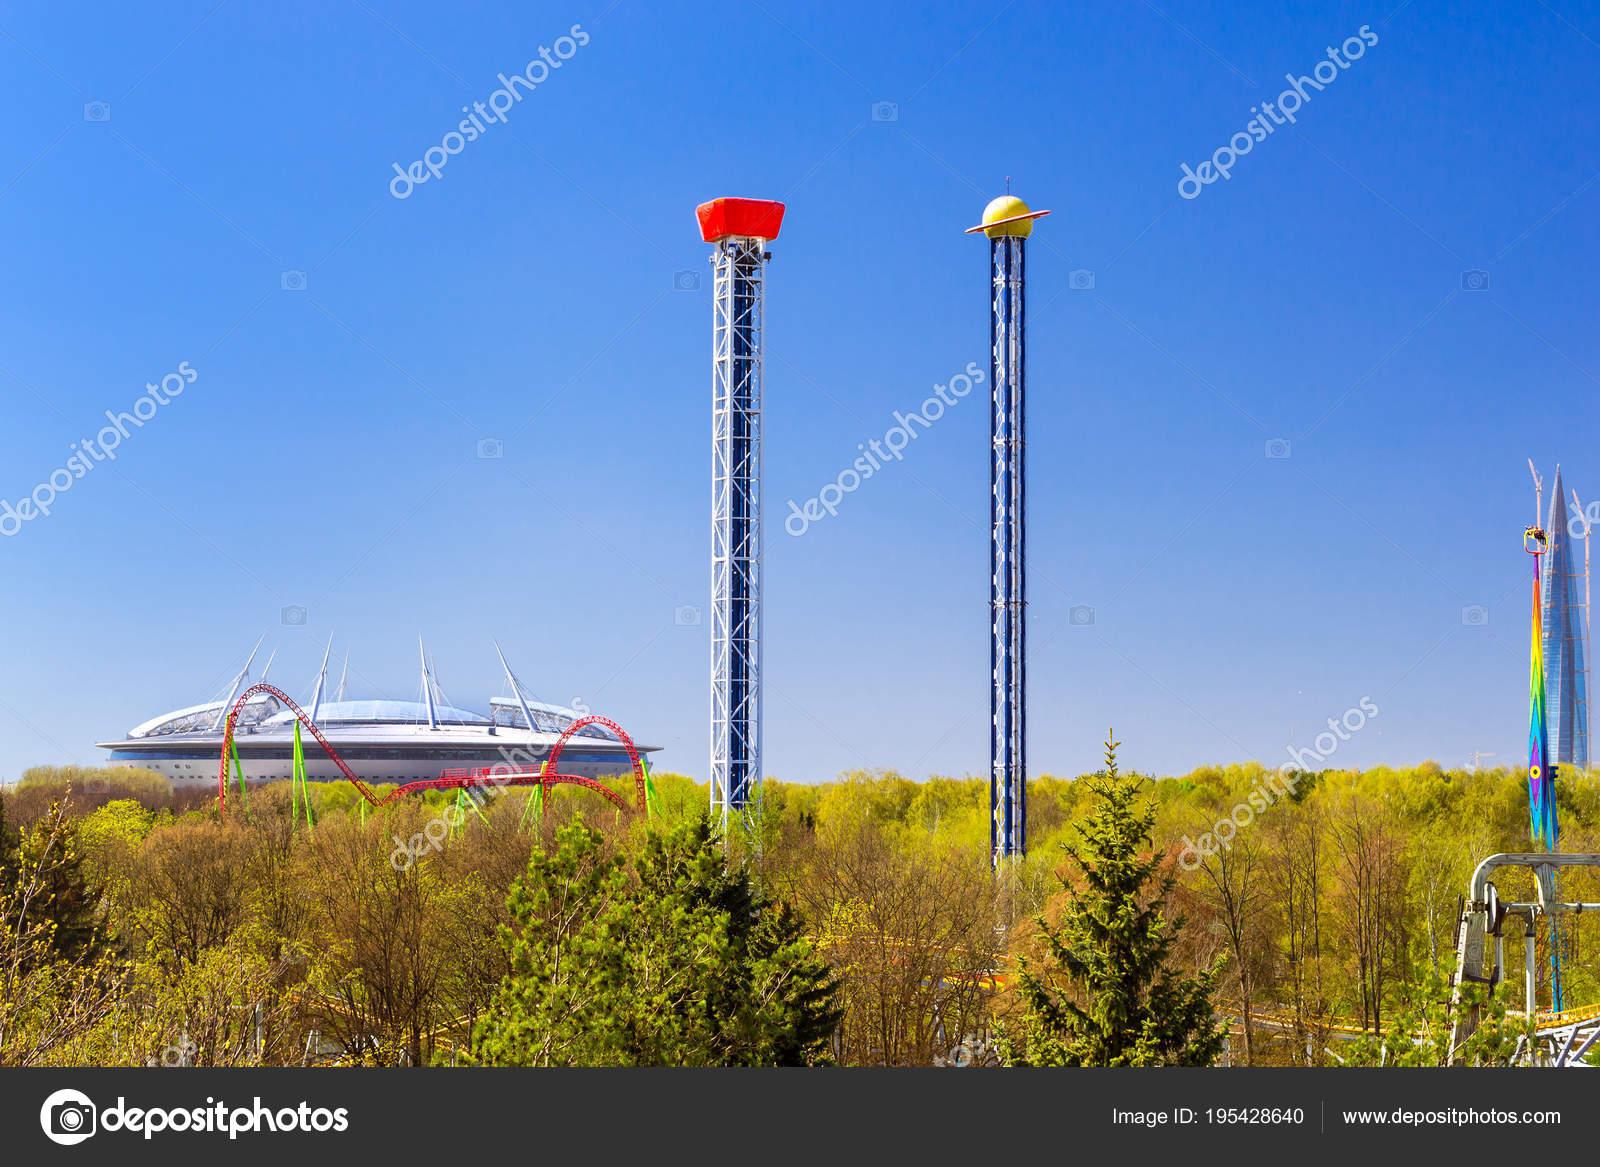 Rusyadaki en büyük dönme dolabın yüksekliği nedir